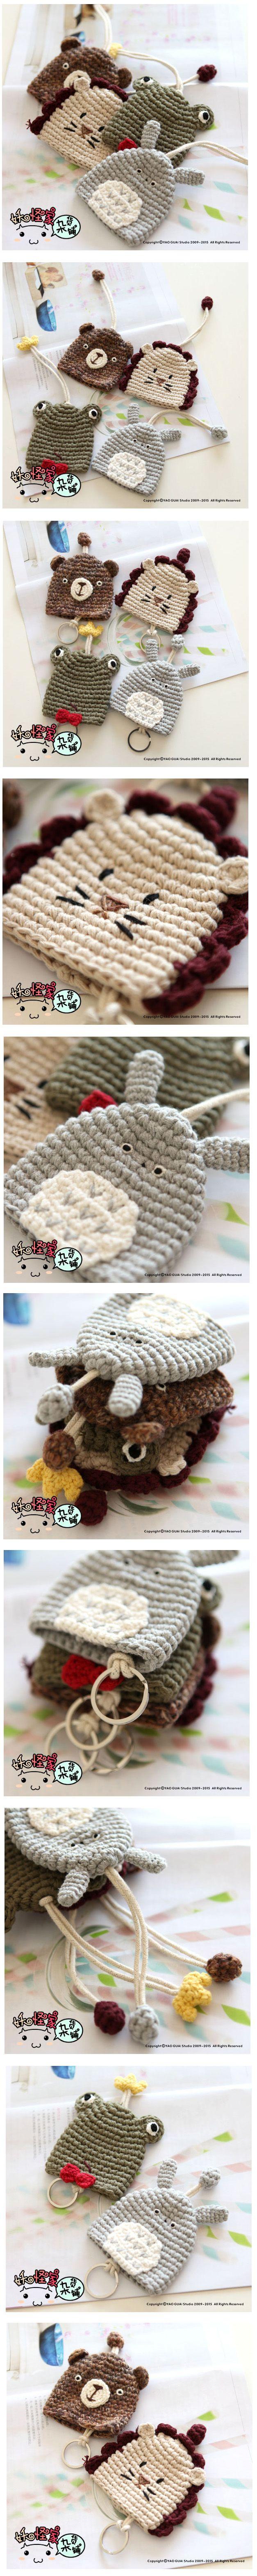 Taobao Taiwan, allmächtig Taobao - Reine Wolle handgestrickte Comic-Tiere können Geldbörsen / Anhänger streckenhä